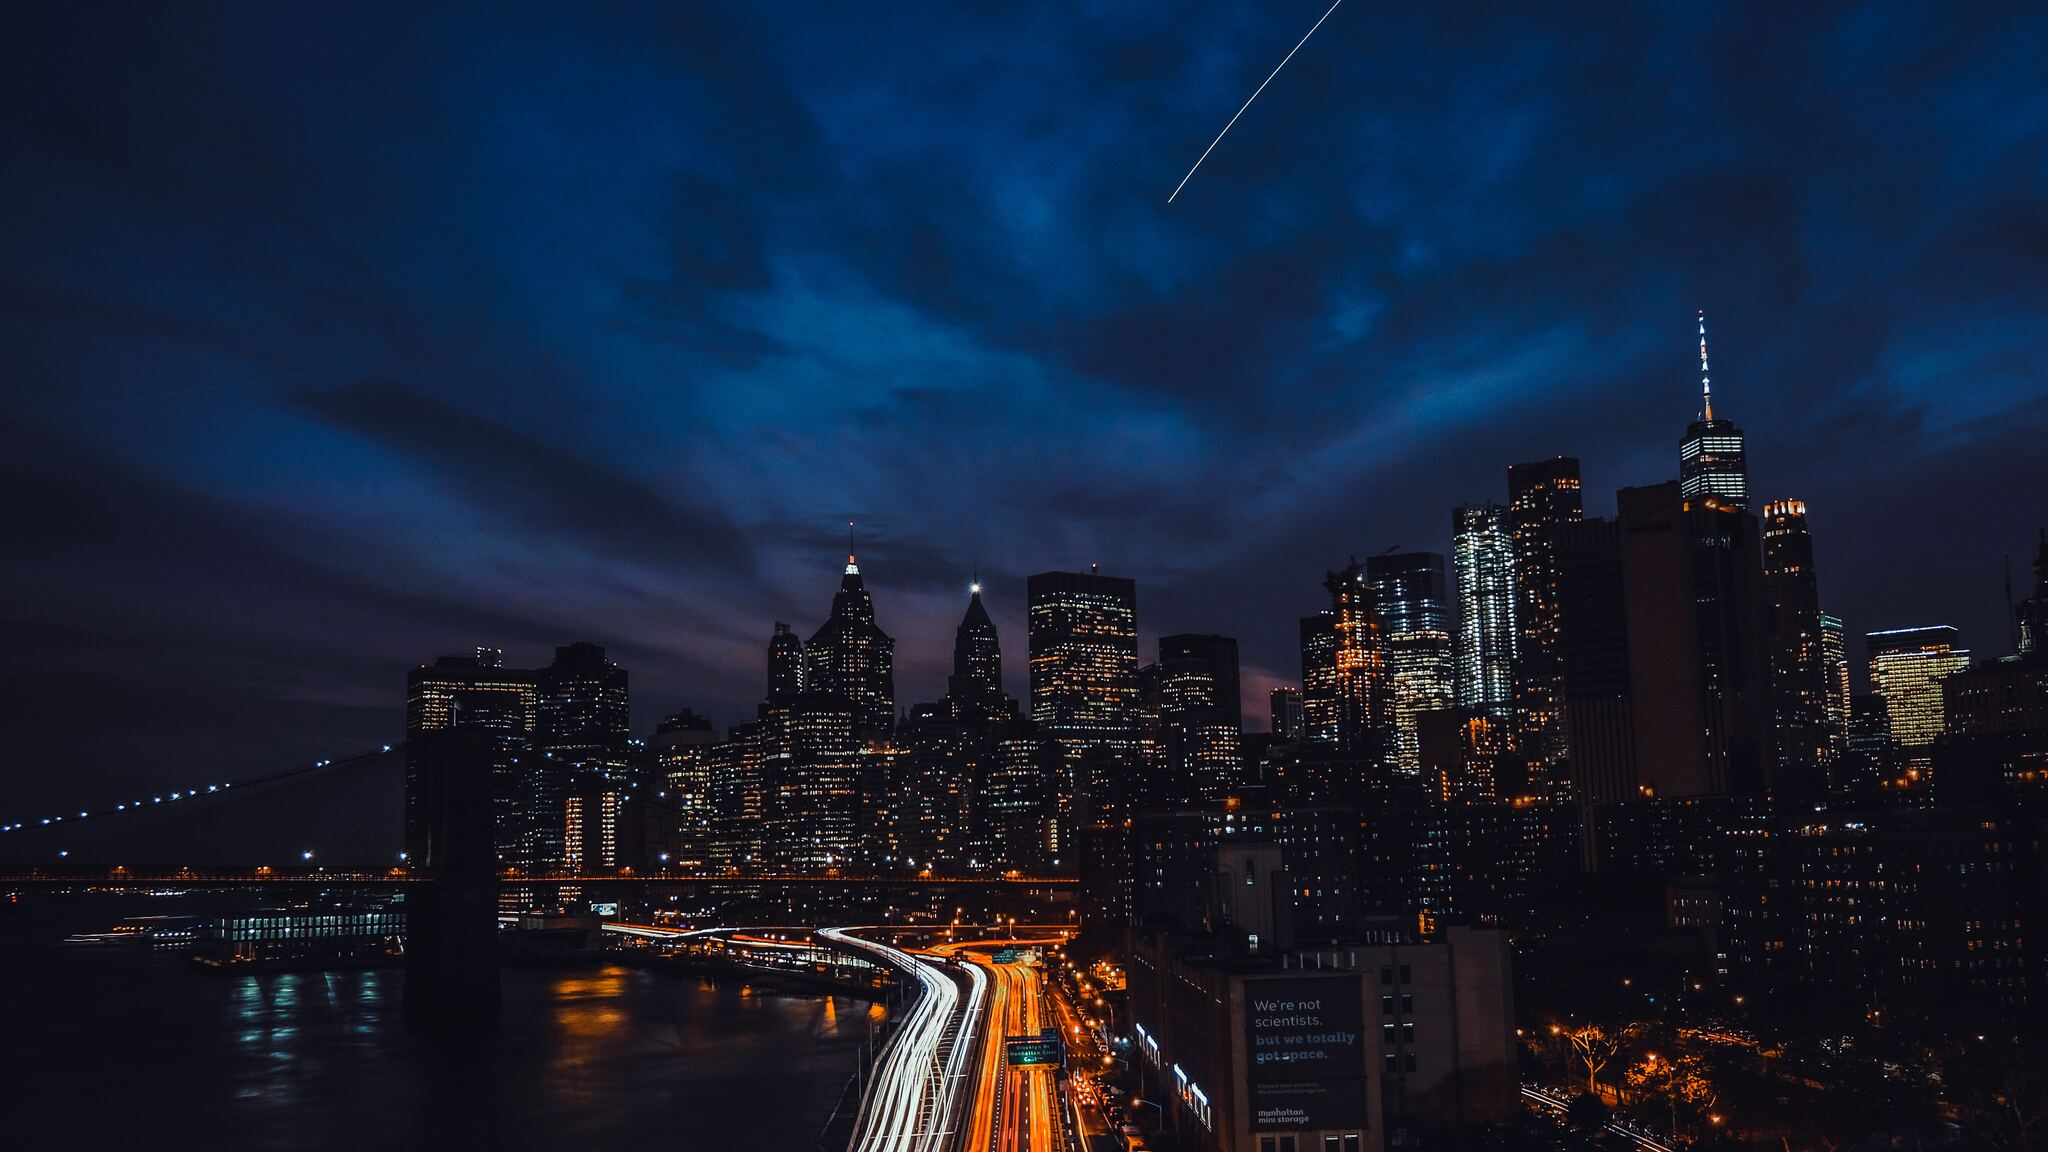 2048x1152 Newyork Night Buildings 4k 2048x1152 Resolution ...